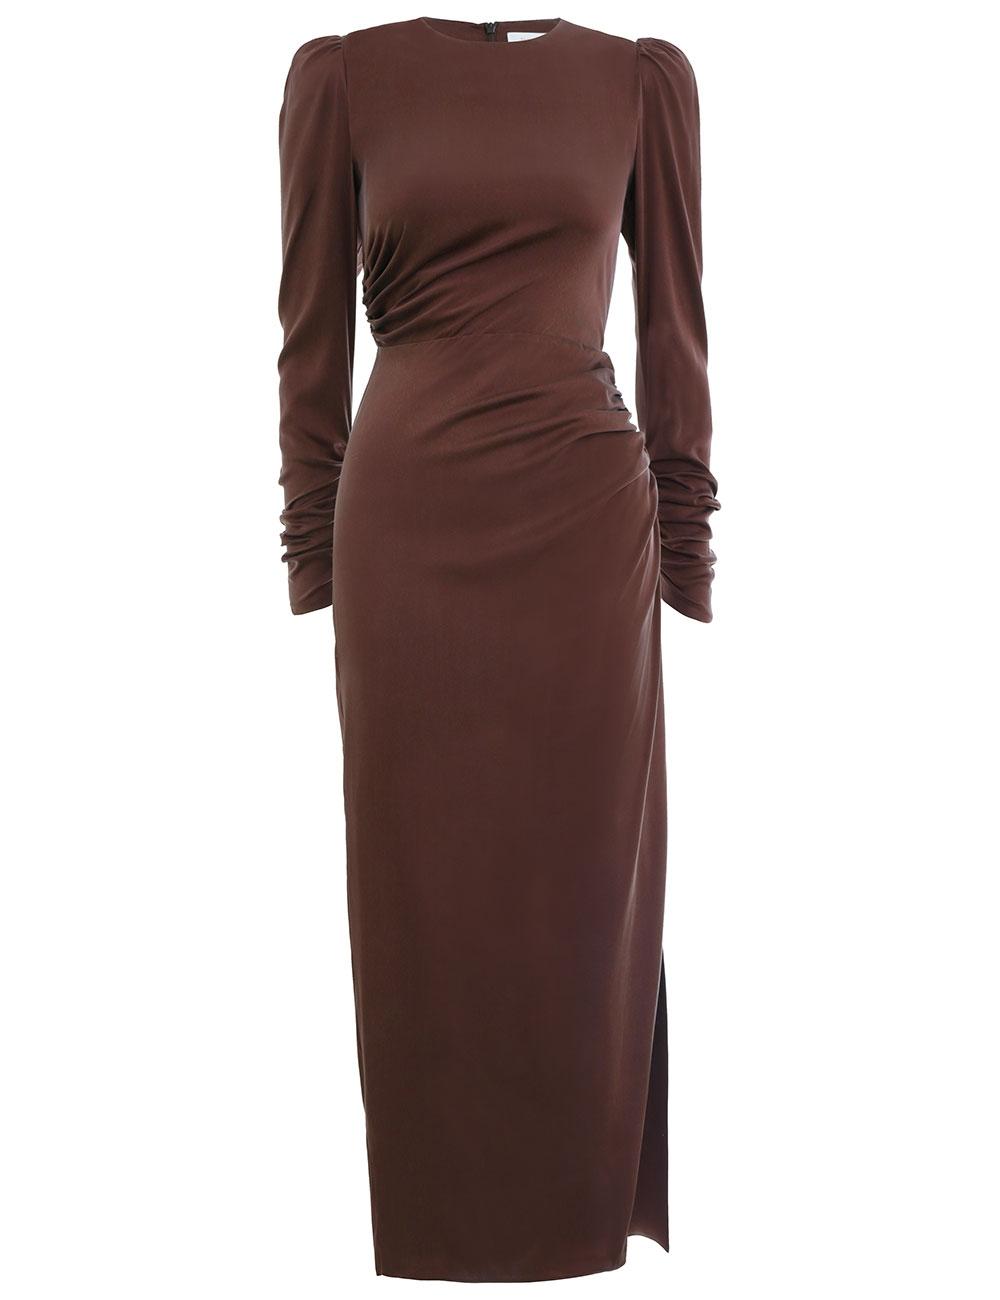 Ruched Drape Dress